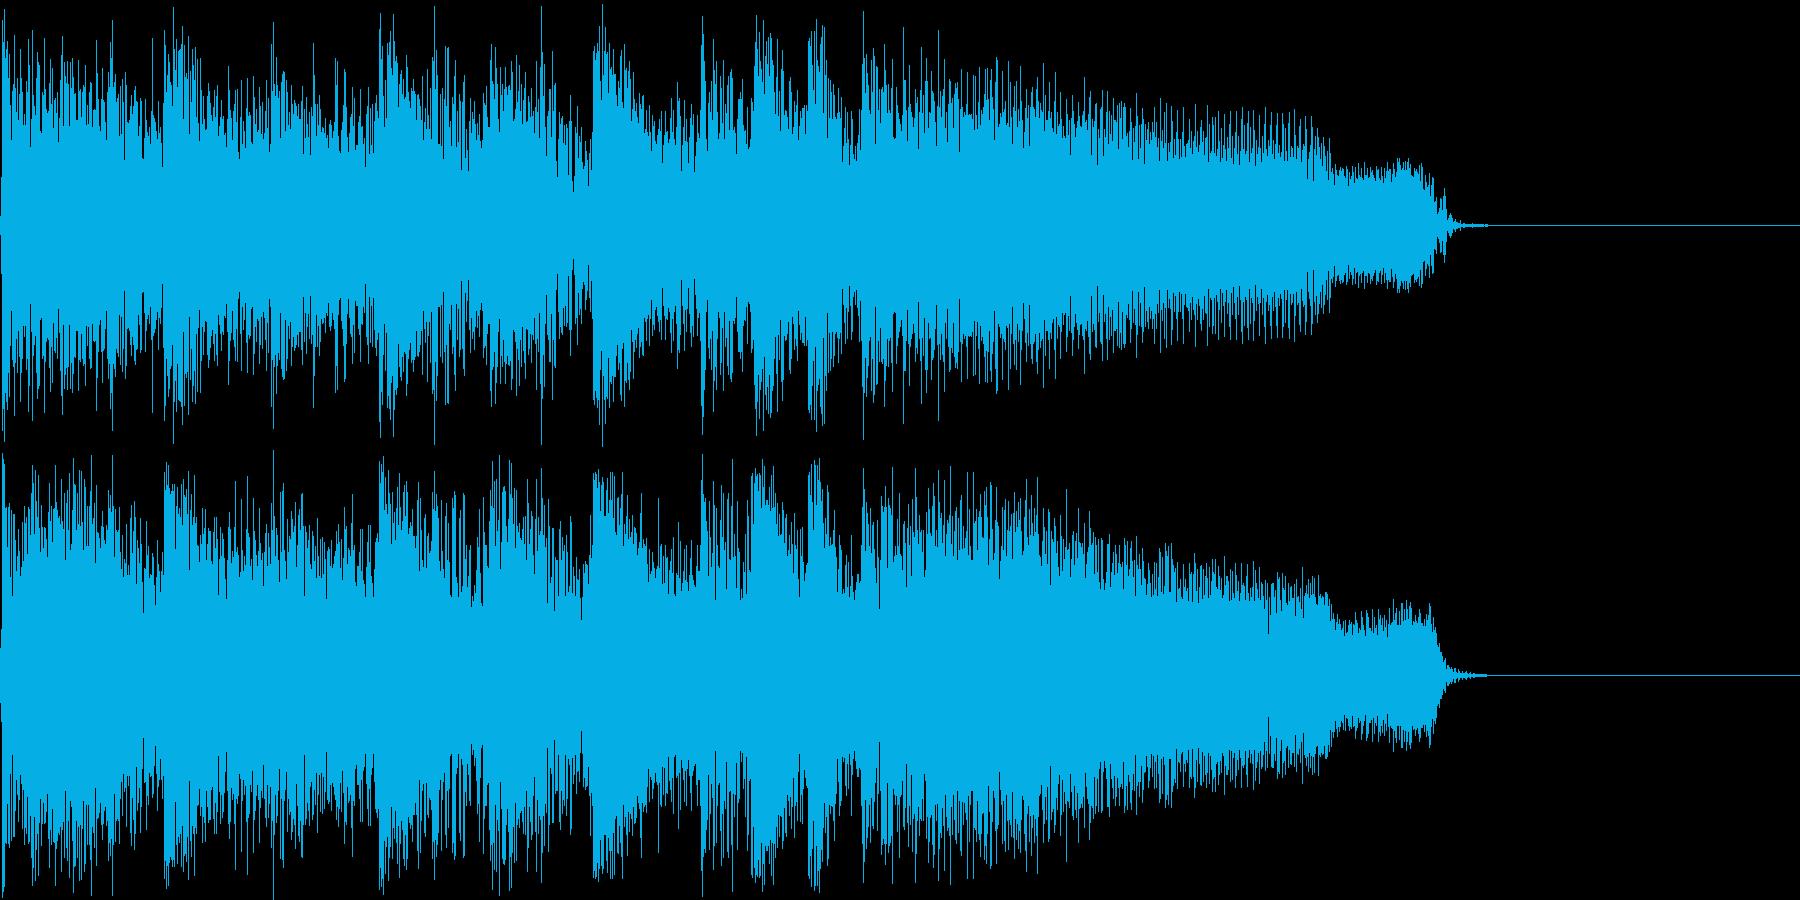 わくわく感のあるギターロック短めジングルの再生済みの波形